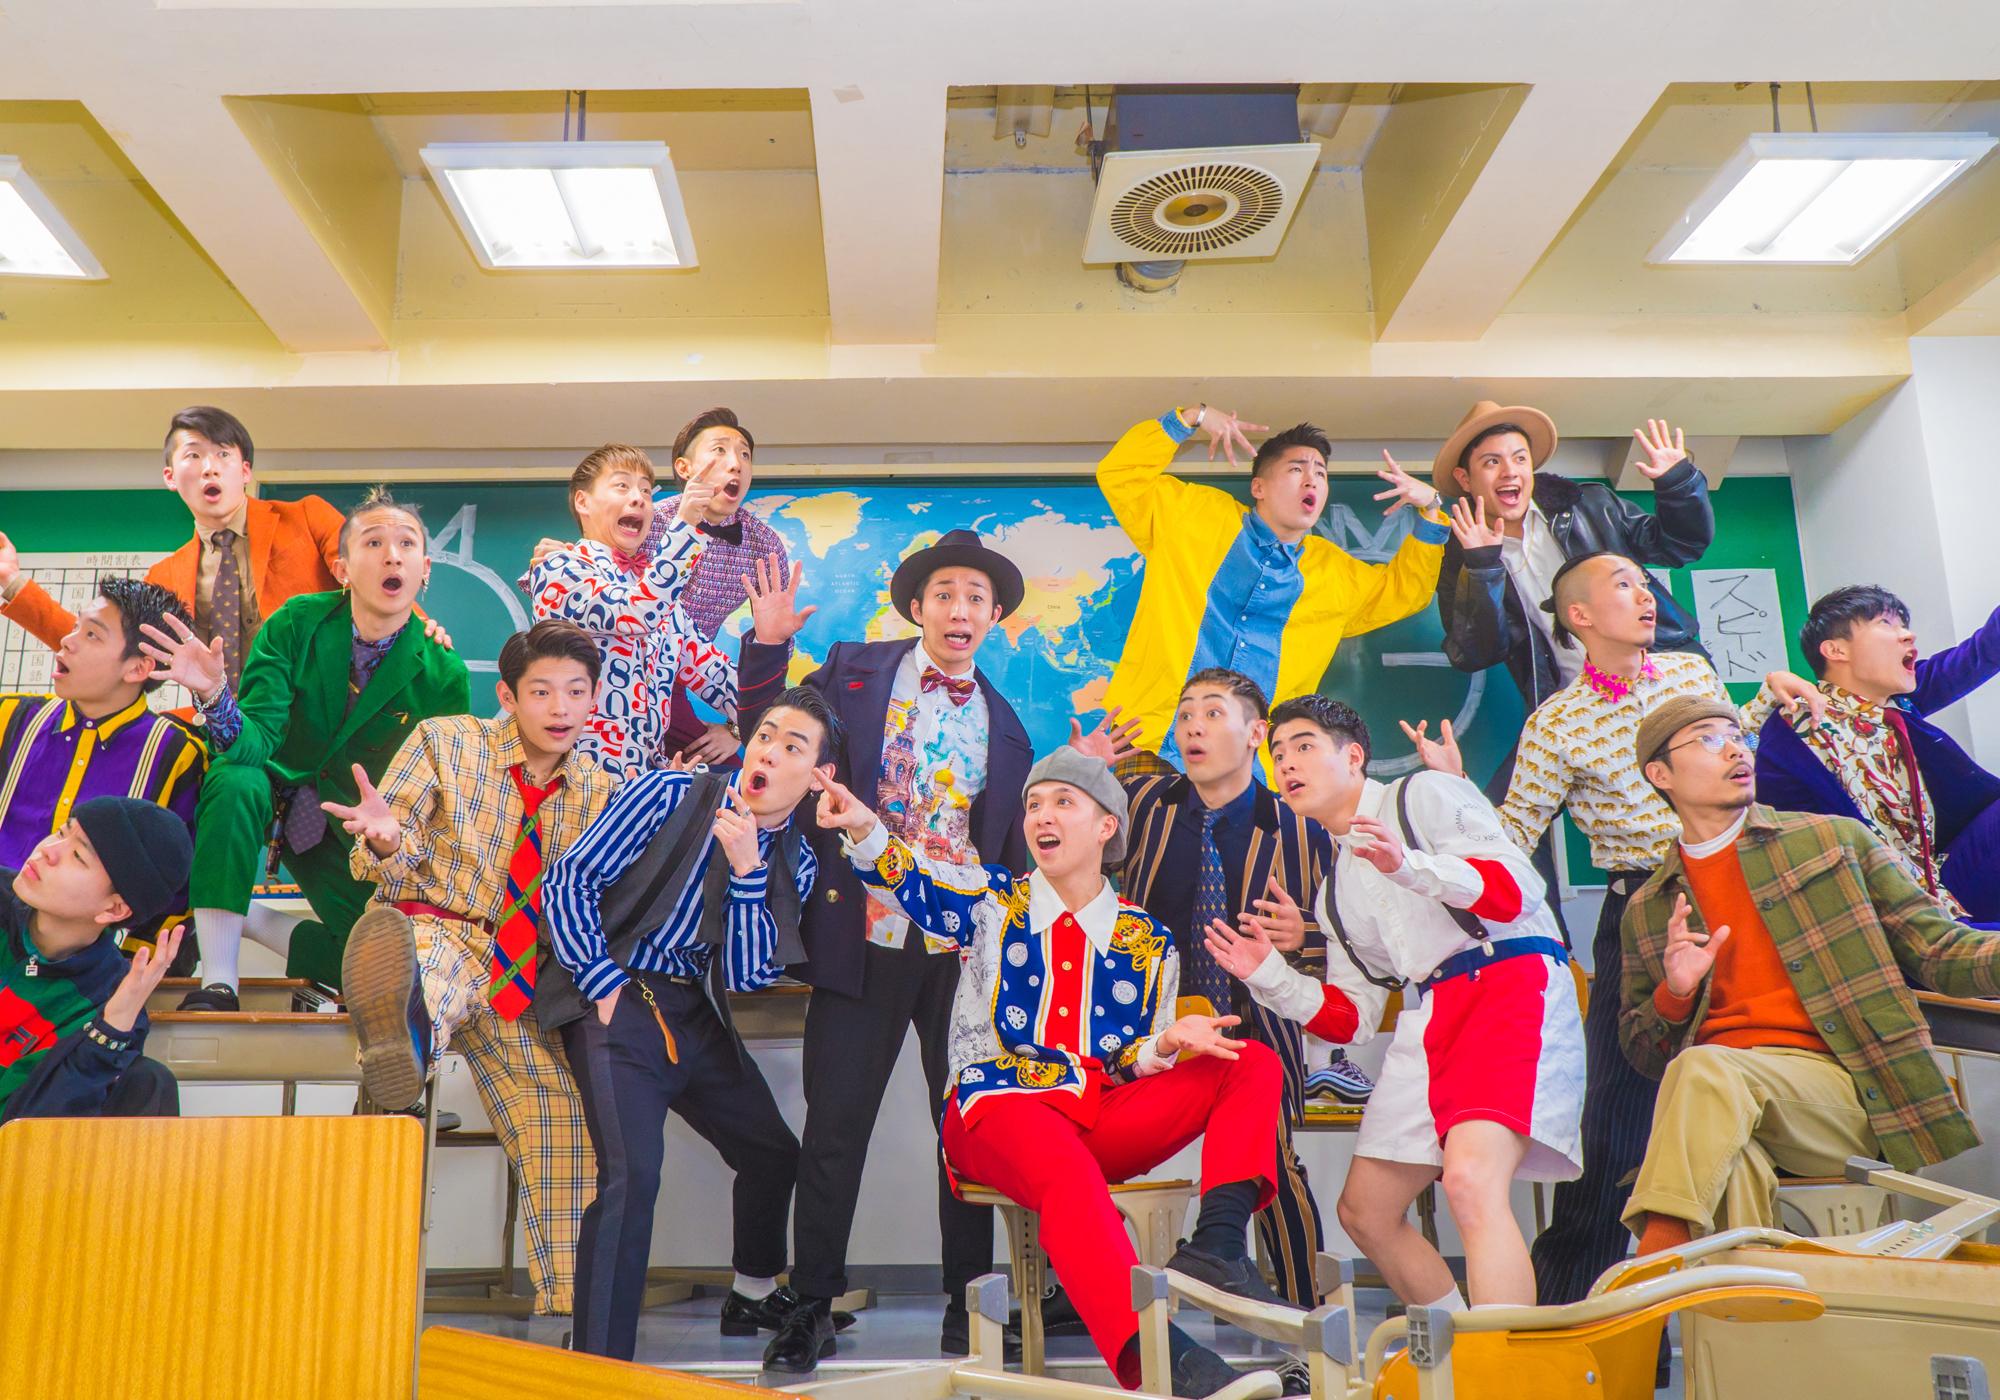 全世界にエンターテインメントを発信するGANMI!様々な才能を持つダンスクルーを特集!!